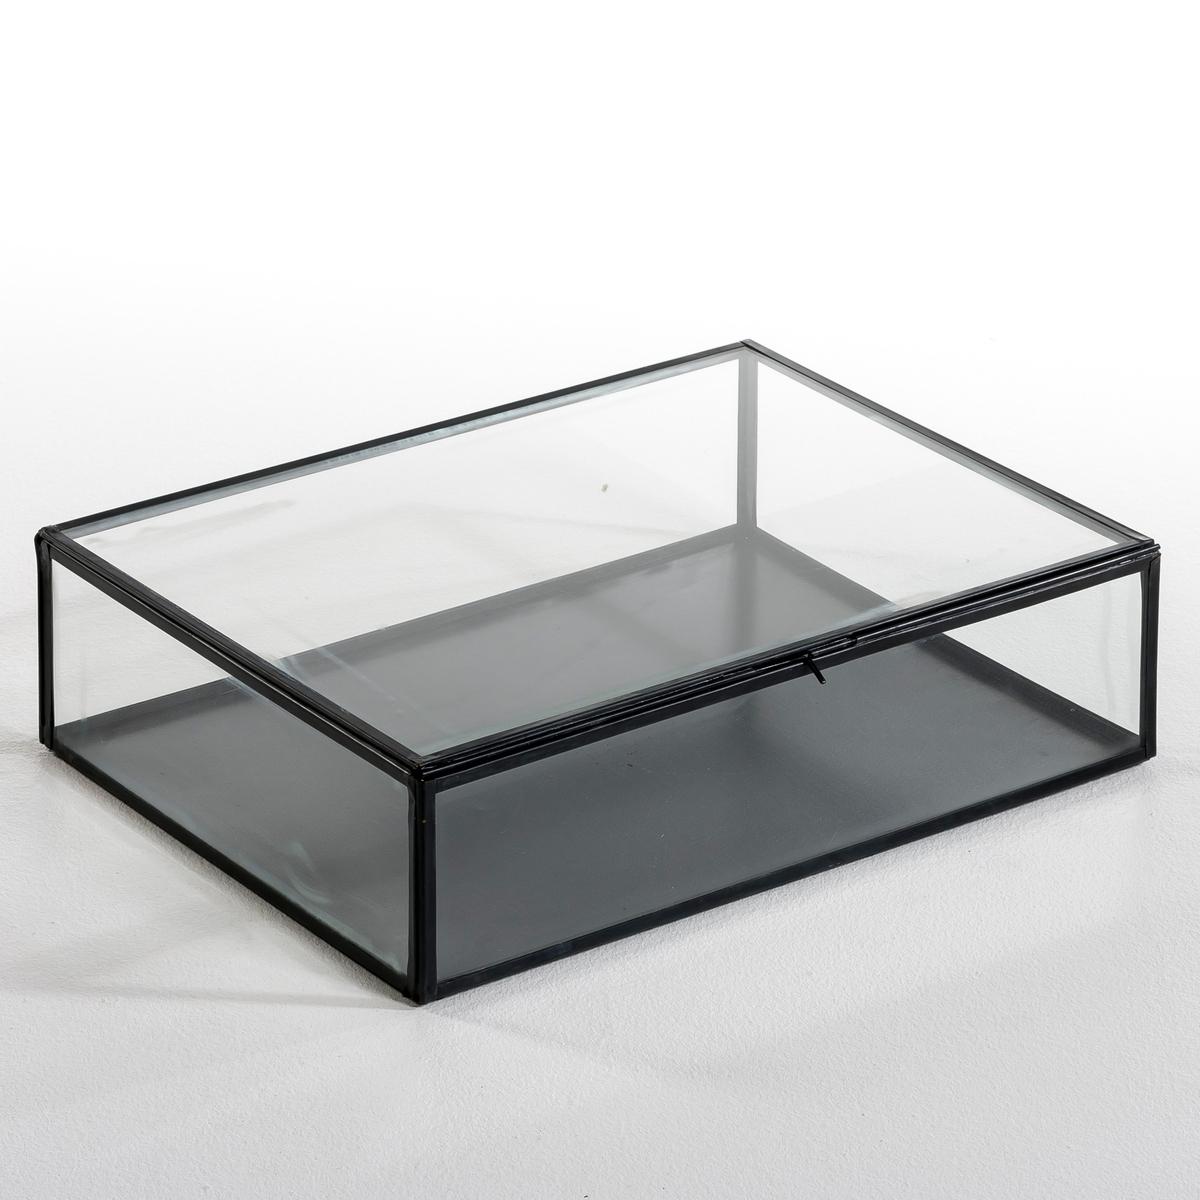 Коробка-витрина для хранения MisiaОписание:- Выполнена из стекла и металлаРазмеры: - Д. 30 x В. 10,5 x Г. 40 см.    - Размеры внутри: Д. 29 x В. 10 x Г. 39 см.<br><br>Цвет: латунь,металл,черный